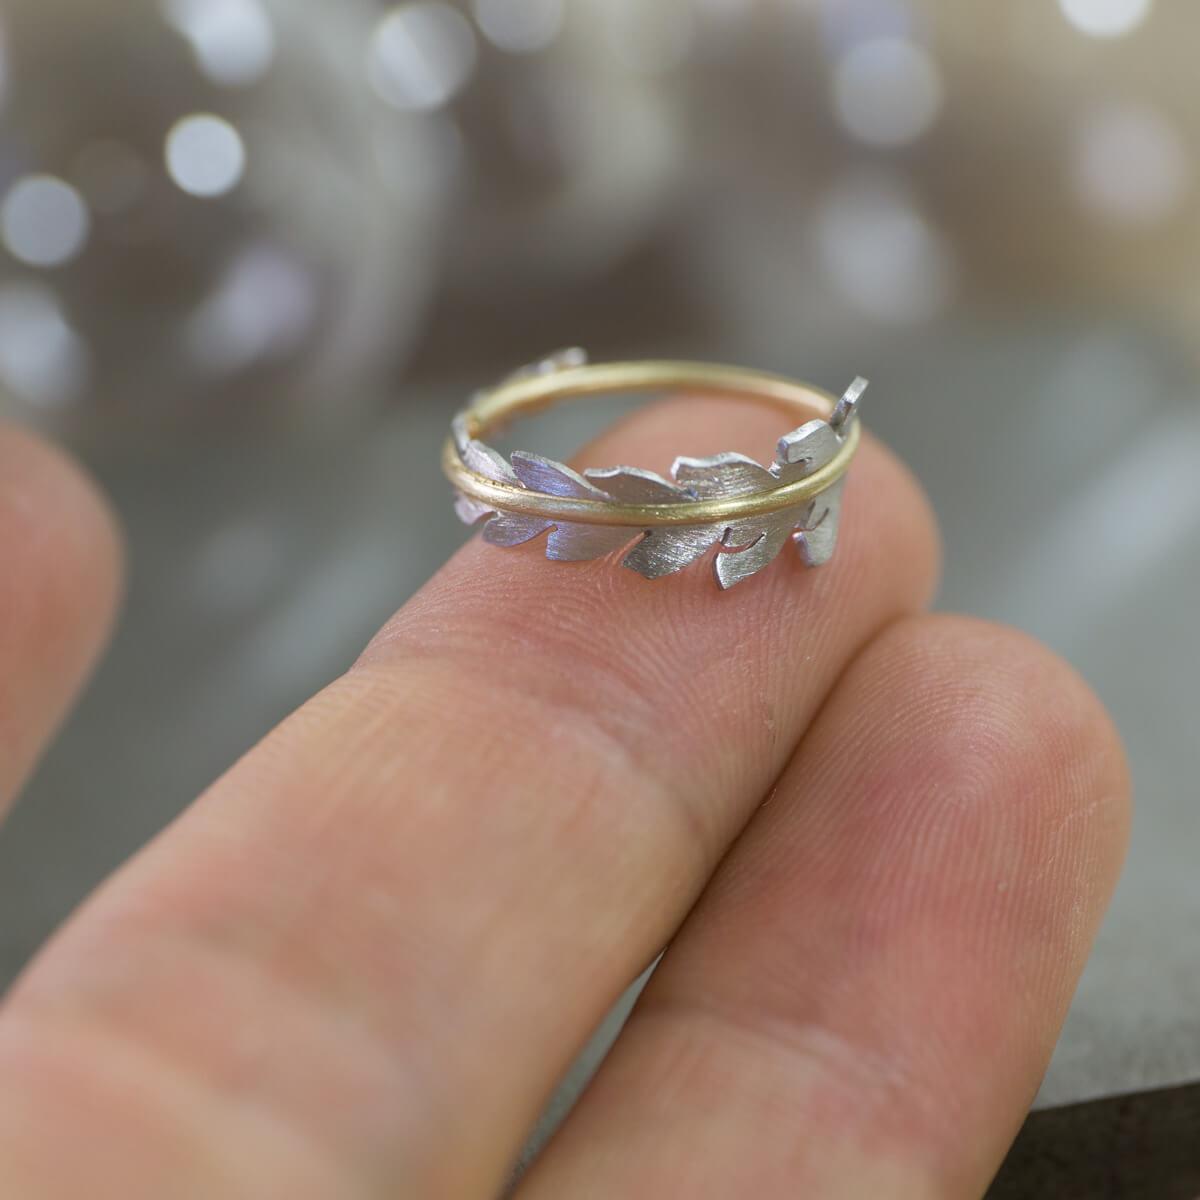 オーダーメイドエンゲージリングの制作風景 ジュエリーのアトリエ シダの指輪 手に乗せる 屋久島でつくる結婚指輪 プラチナ、ゴールド